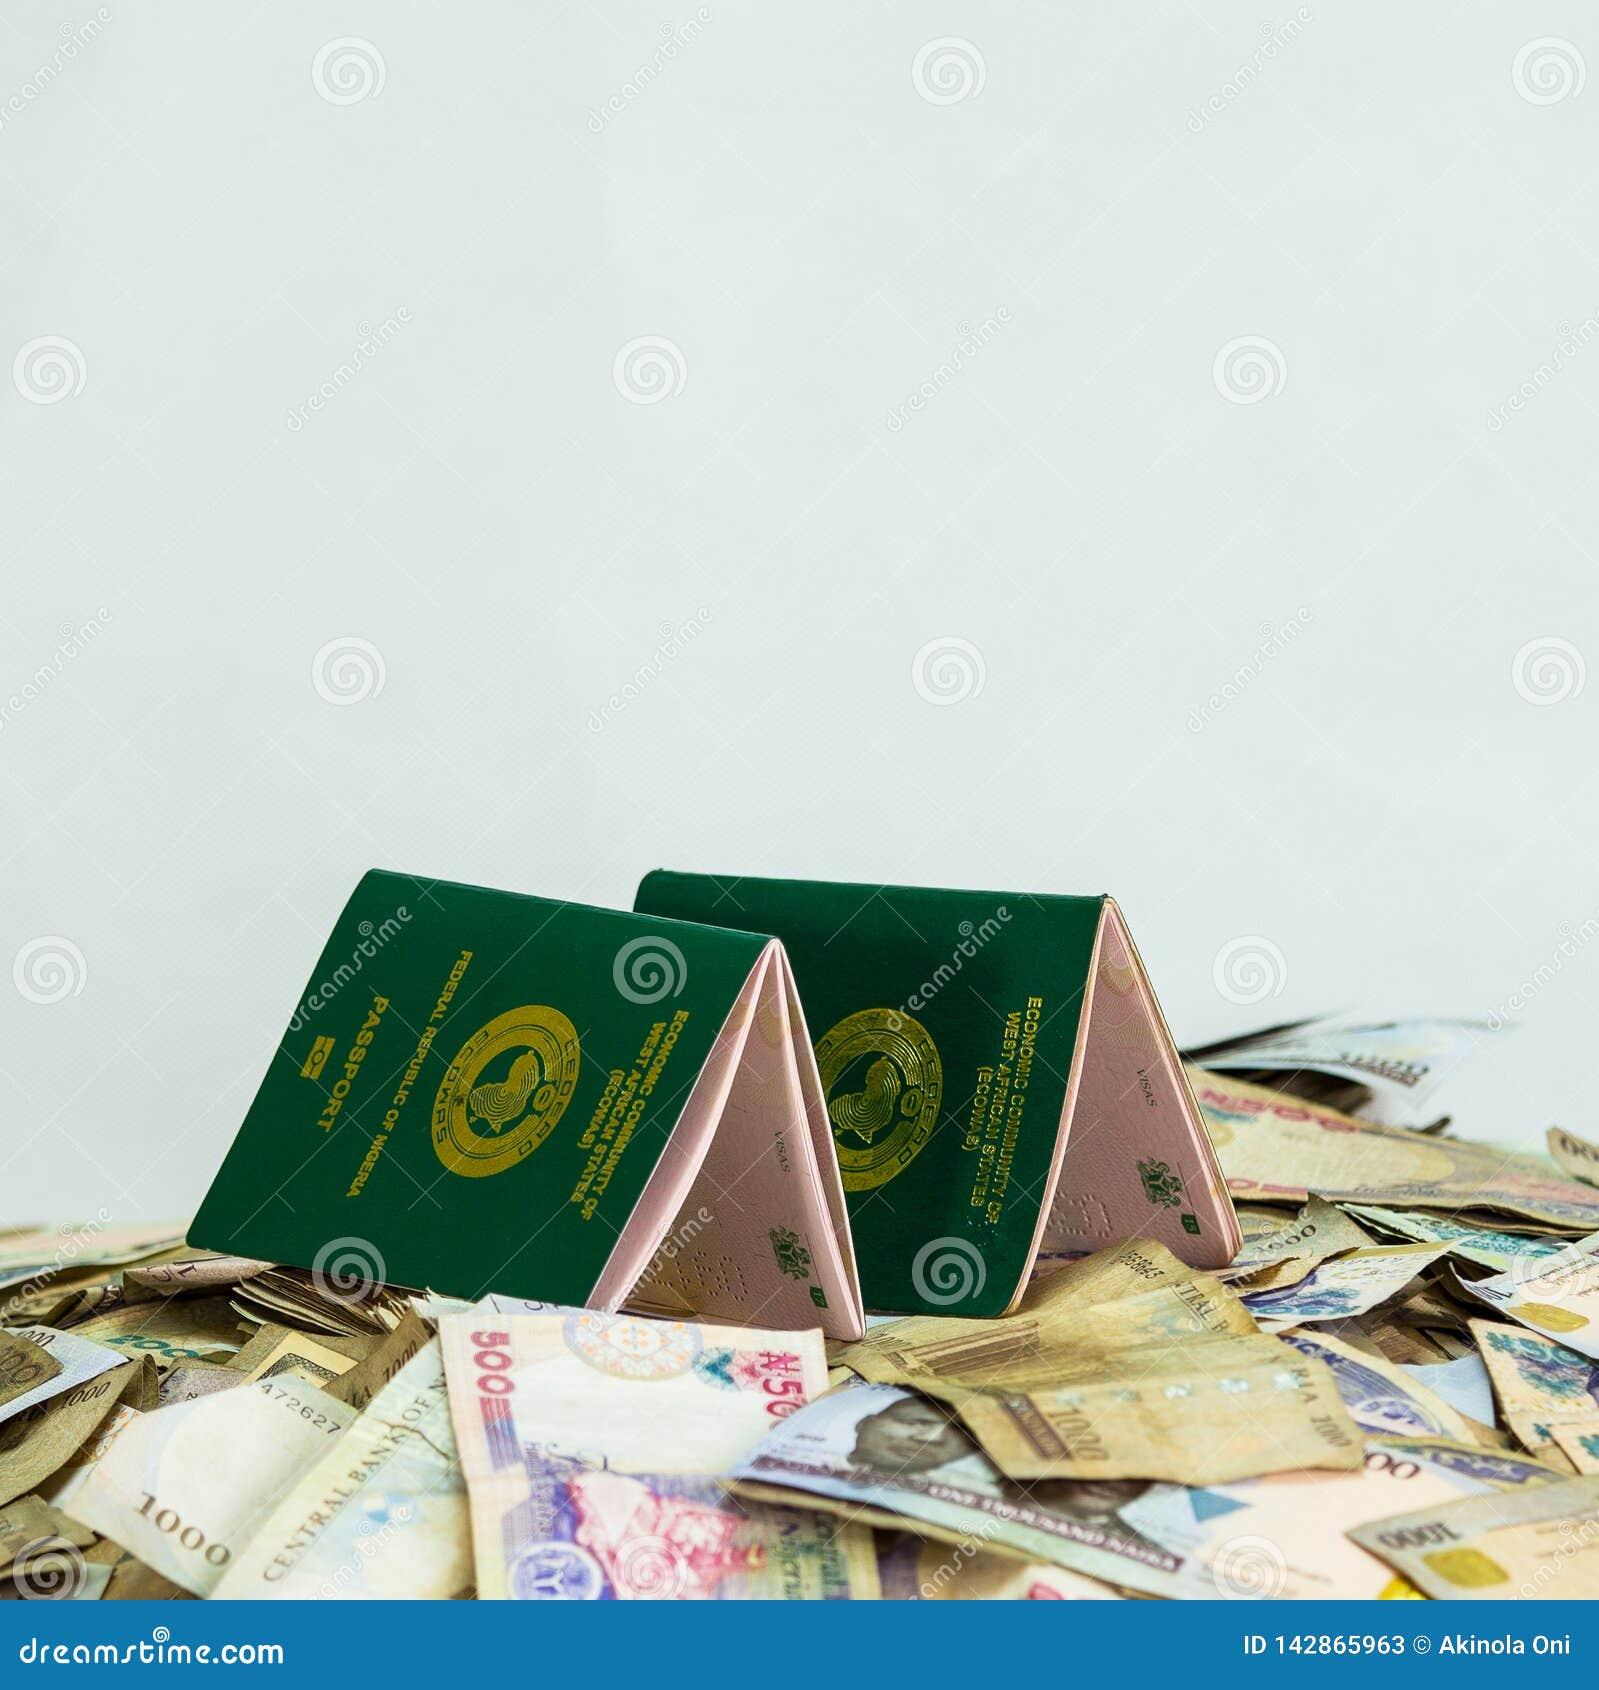 Wieloskładnikowy Ecowas Nigeria Międzynarodowy paszport na rozsypisku lokalne naira waluty